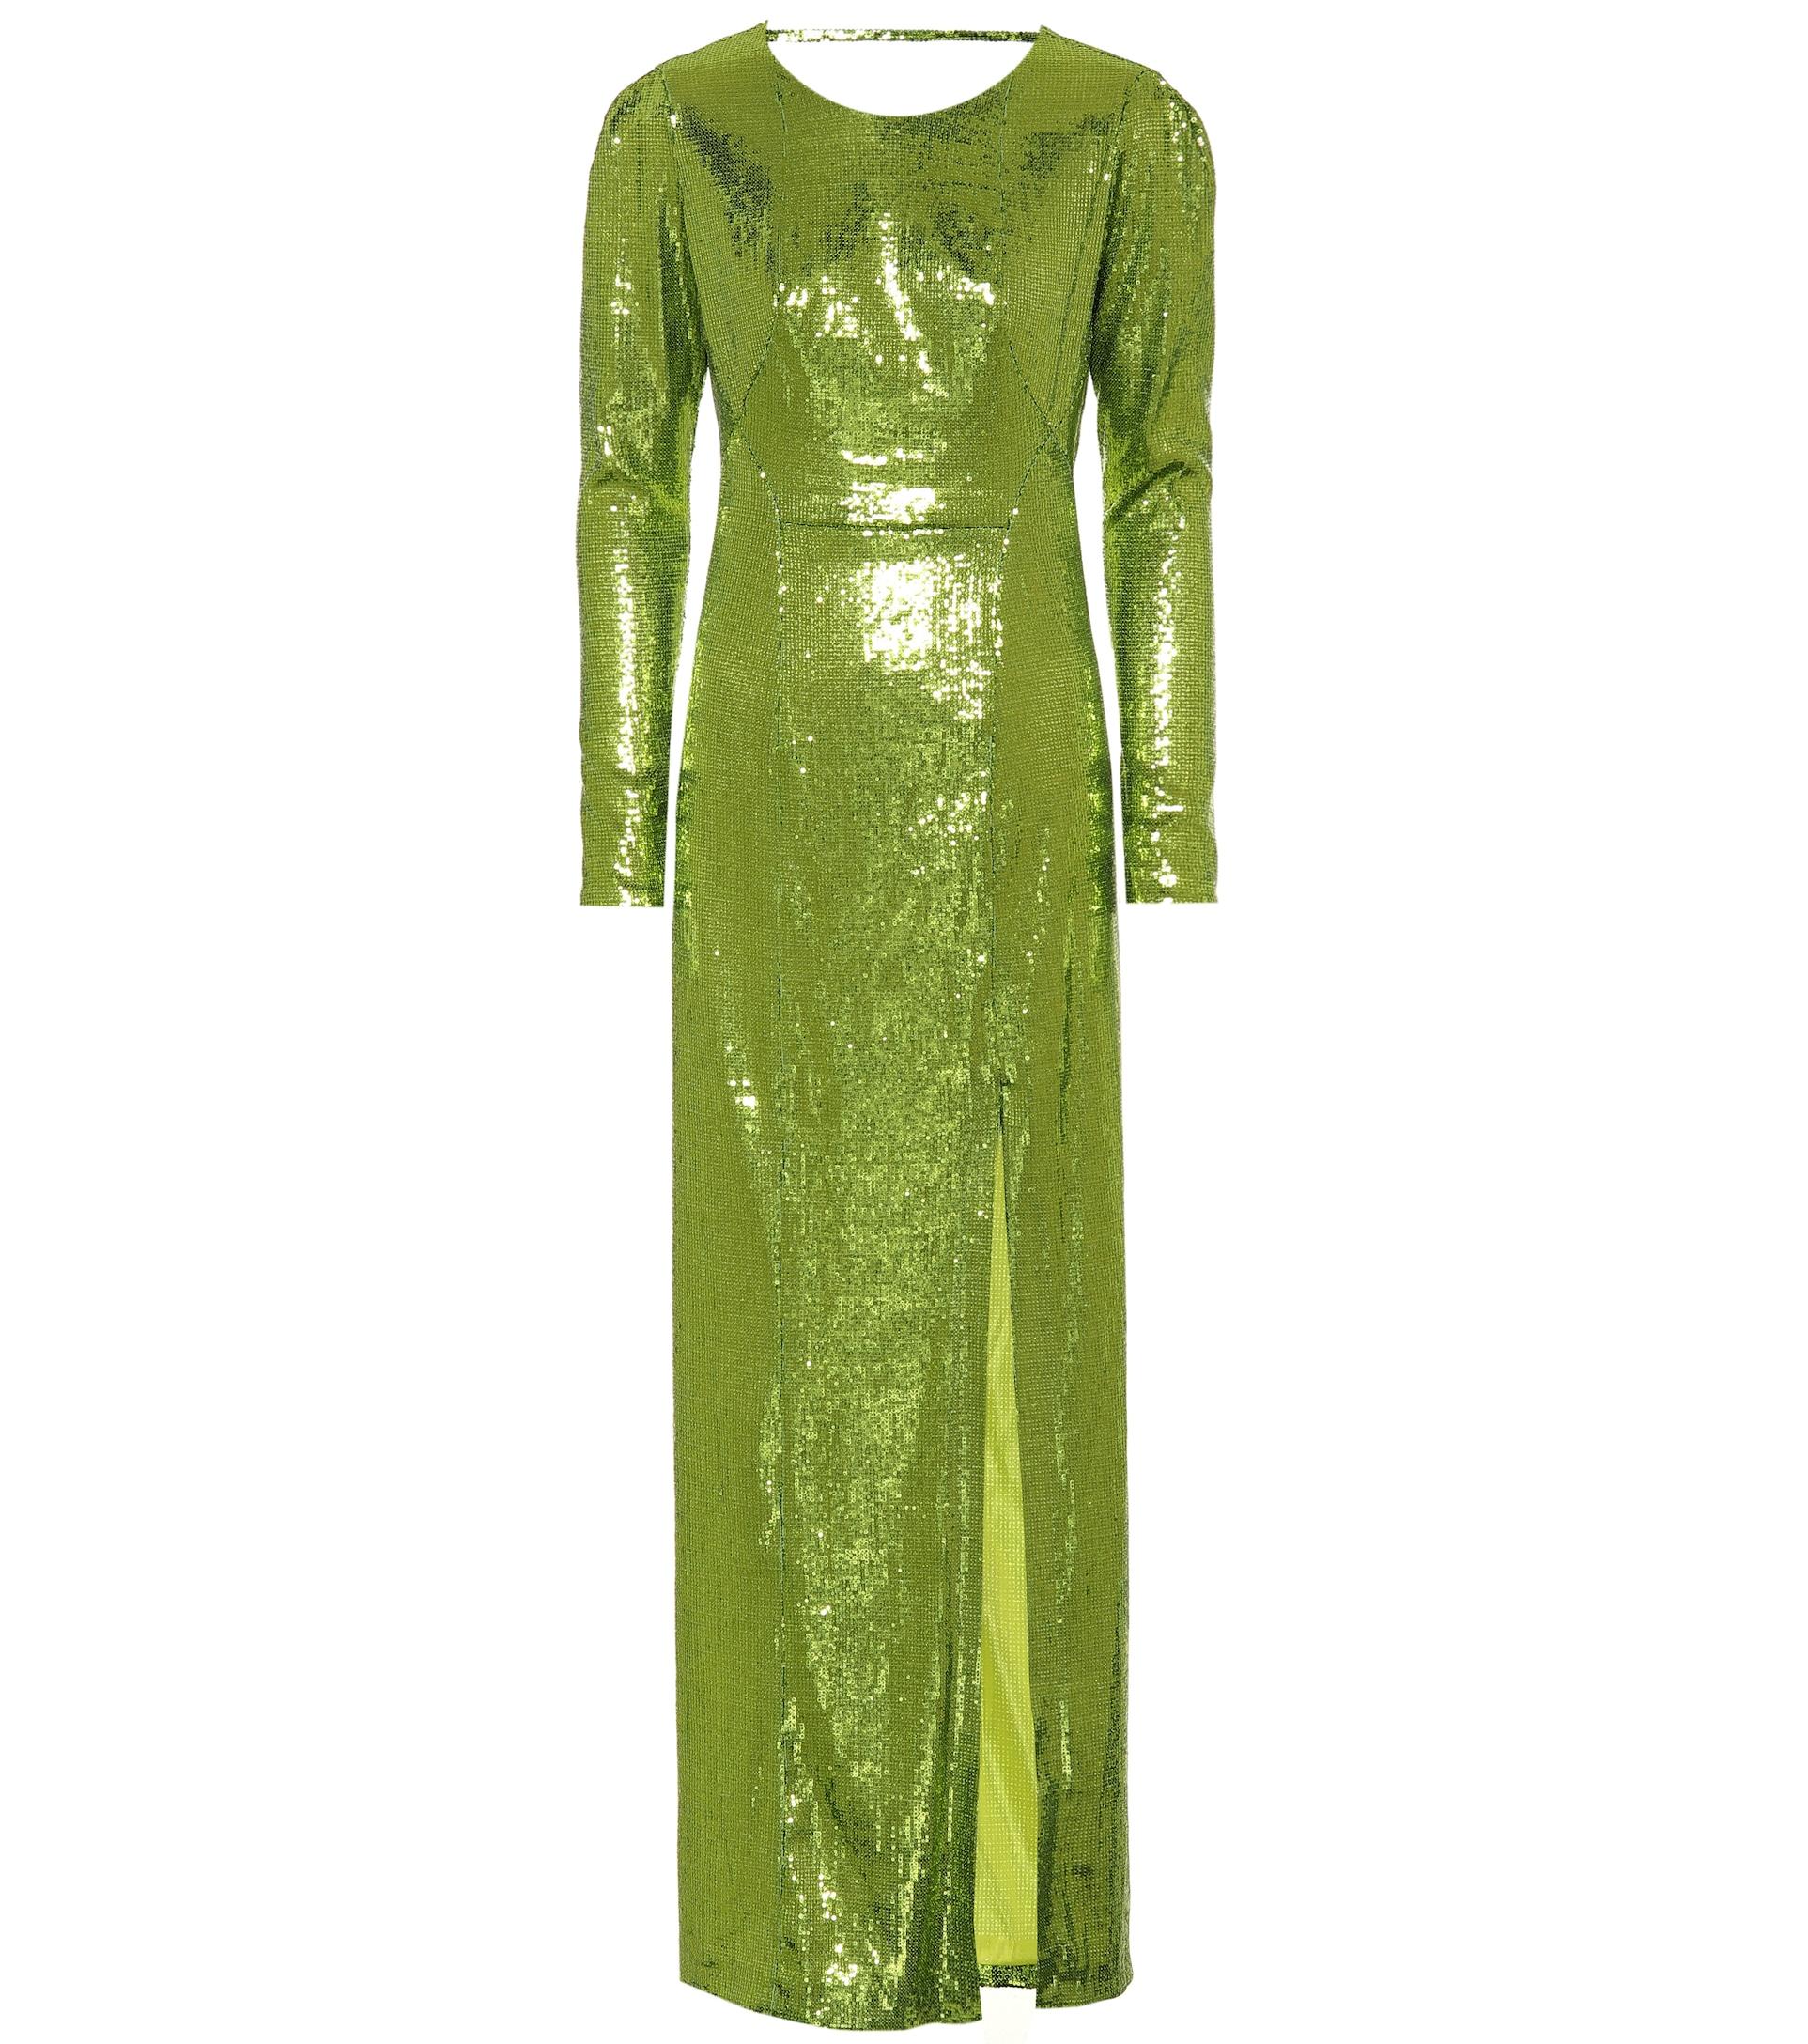 Galvan's Adela dress